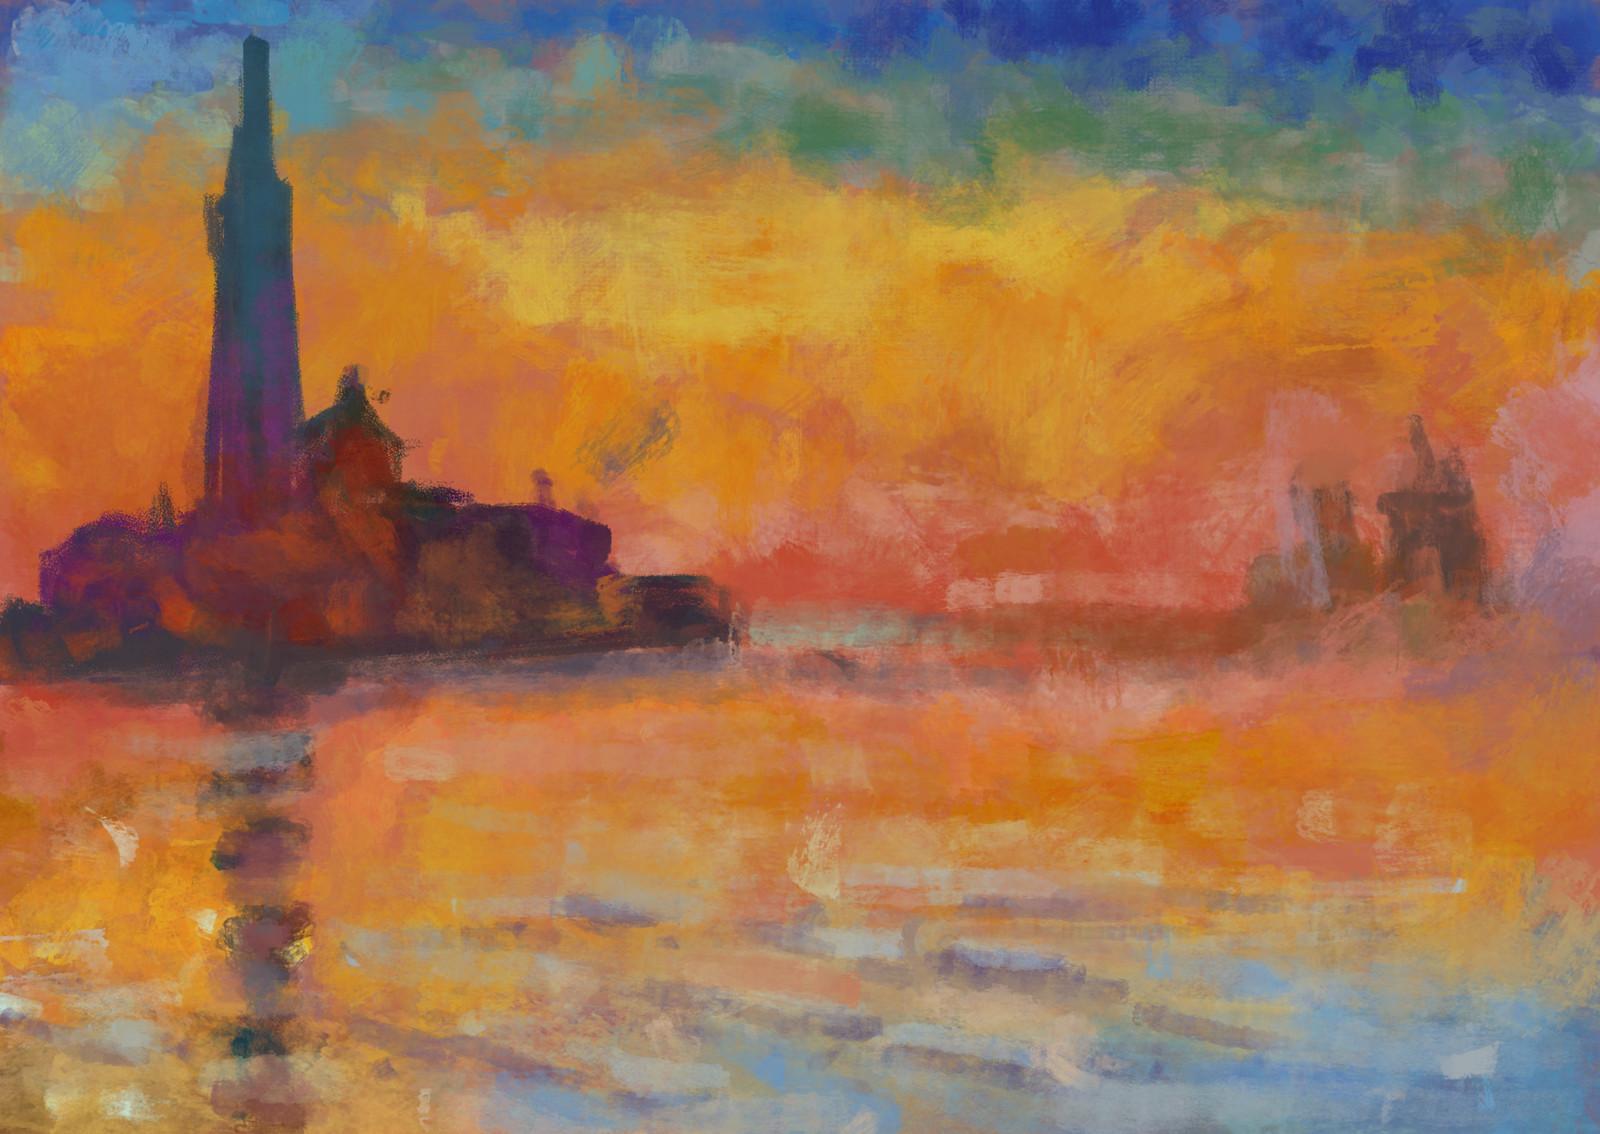 Claude Monet: Saint-Georges Majeur Au Crépuscule - Study